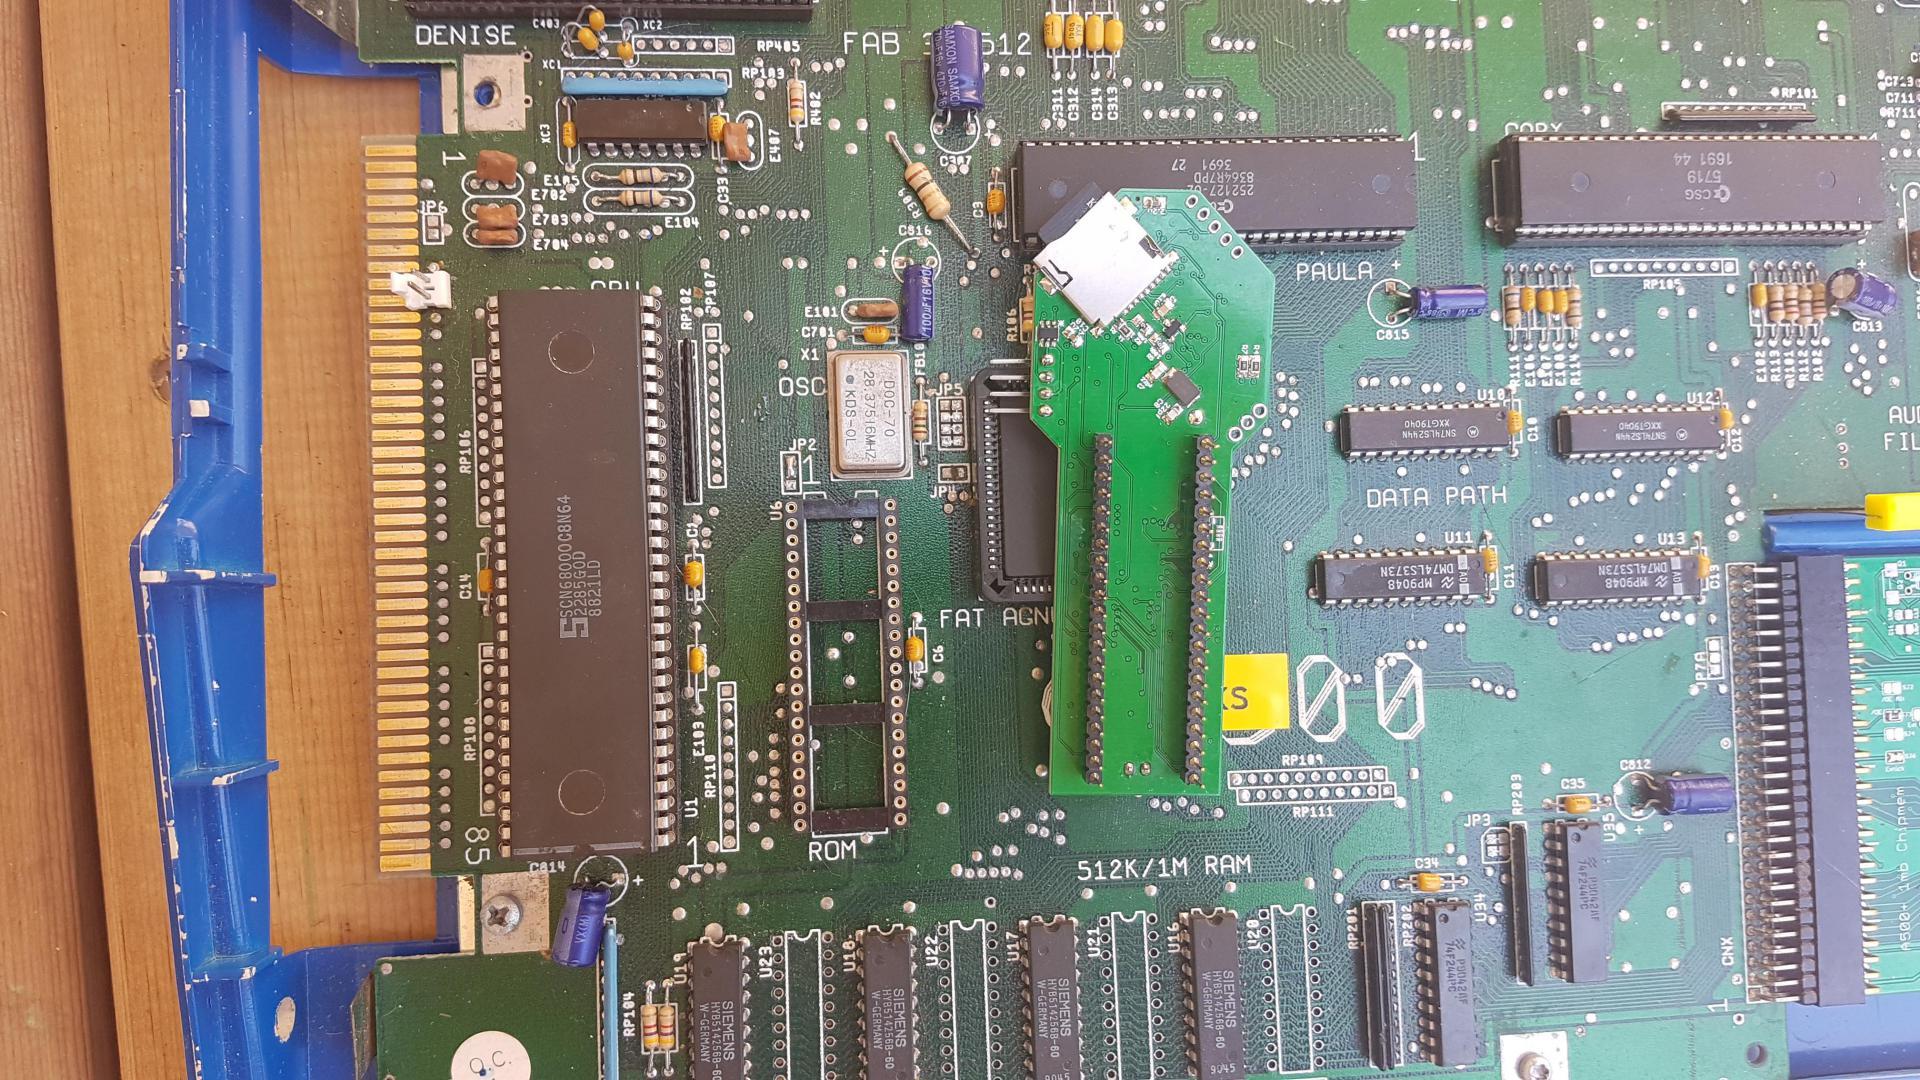 Klikněte na obrázek pro zobrazení větší verze  Název: romulatorbottom.jpg Zobrazeno: 76 Velikost: 425,4 KB ID: 9611